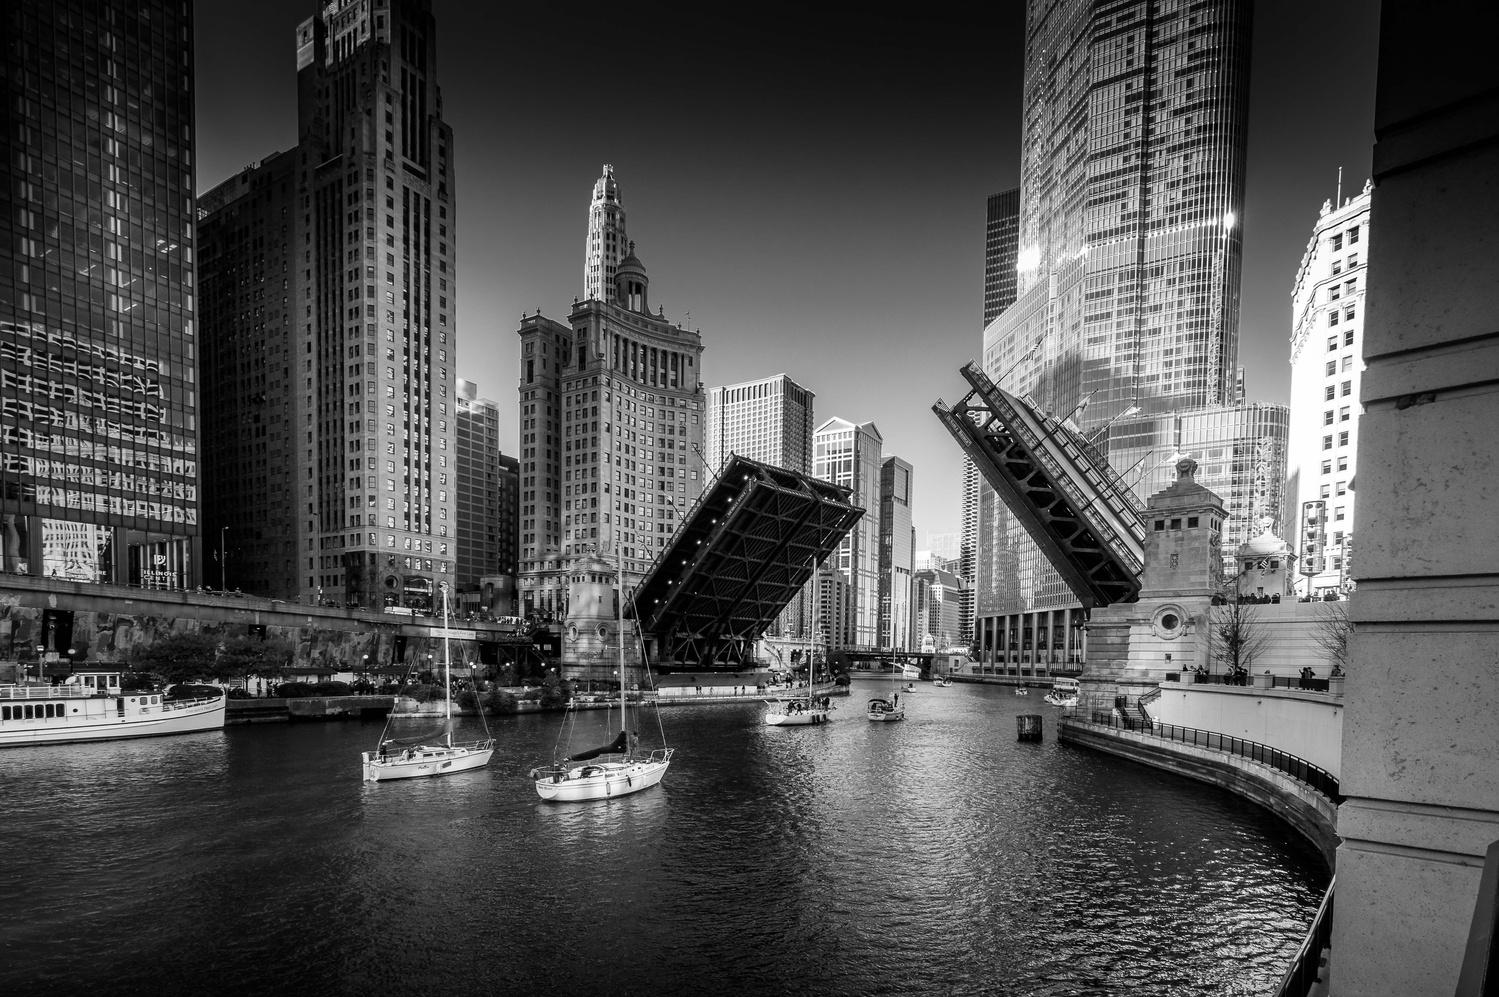 Chicago Riverwalk by Kyle Foreman